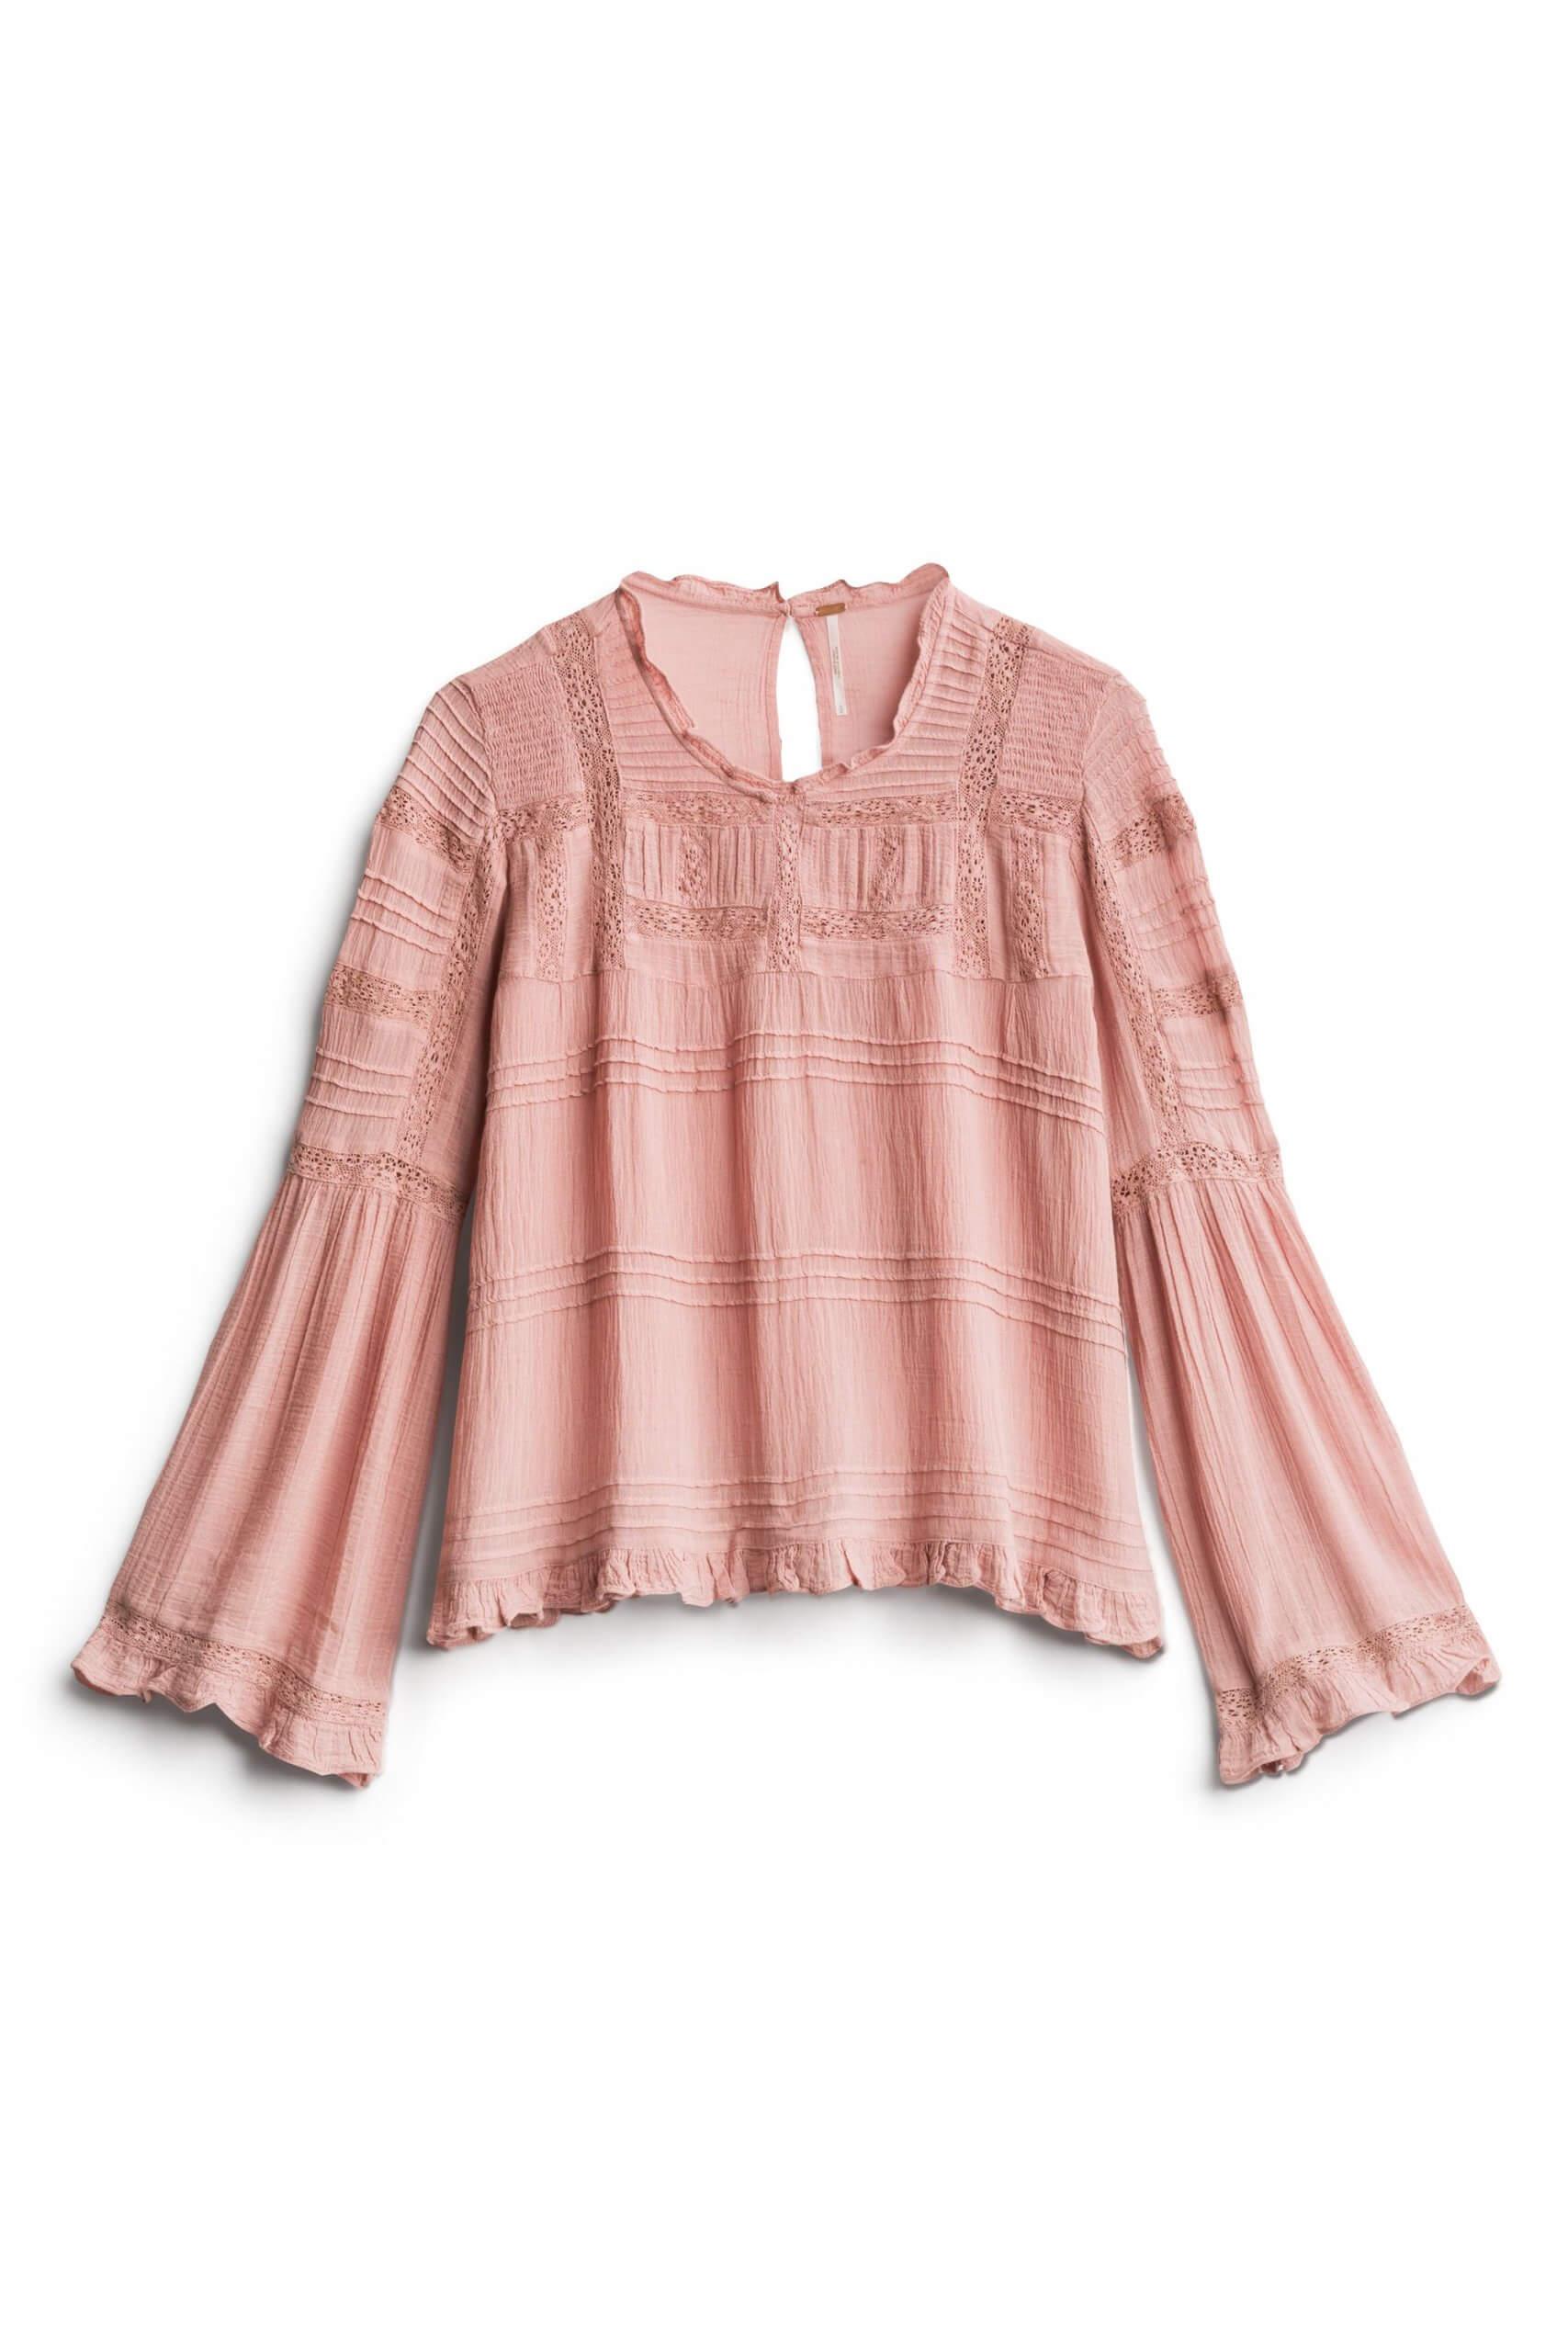 Stitch Fix Women's pink lace blouse.